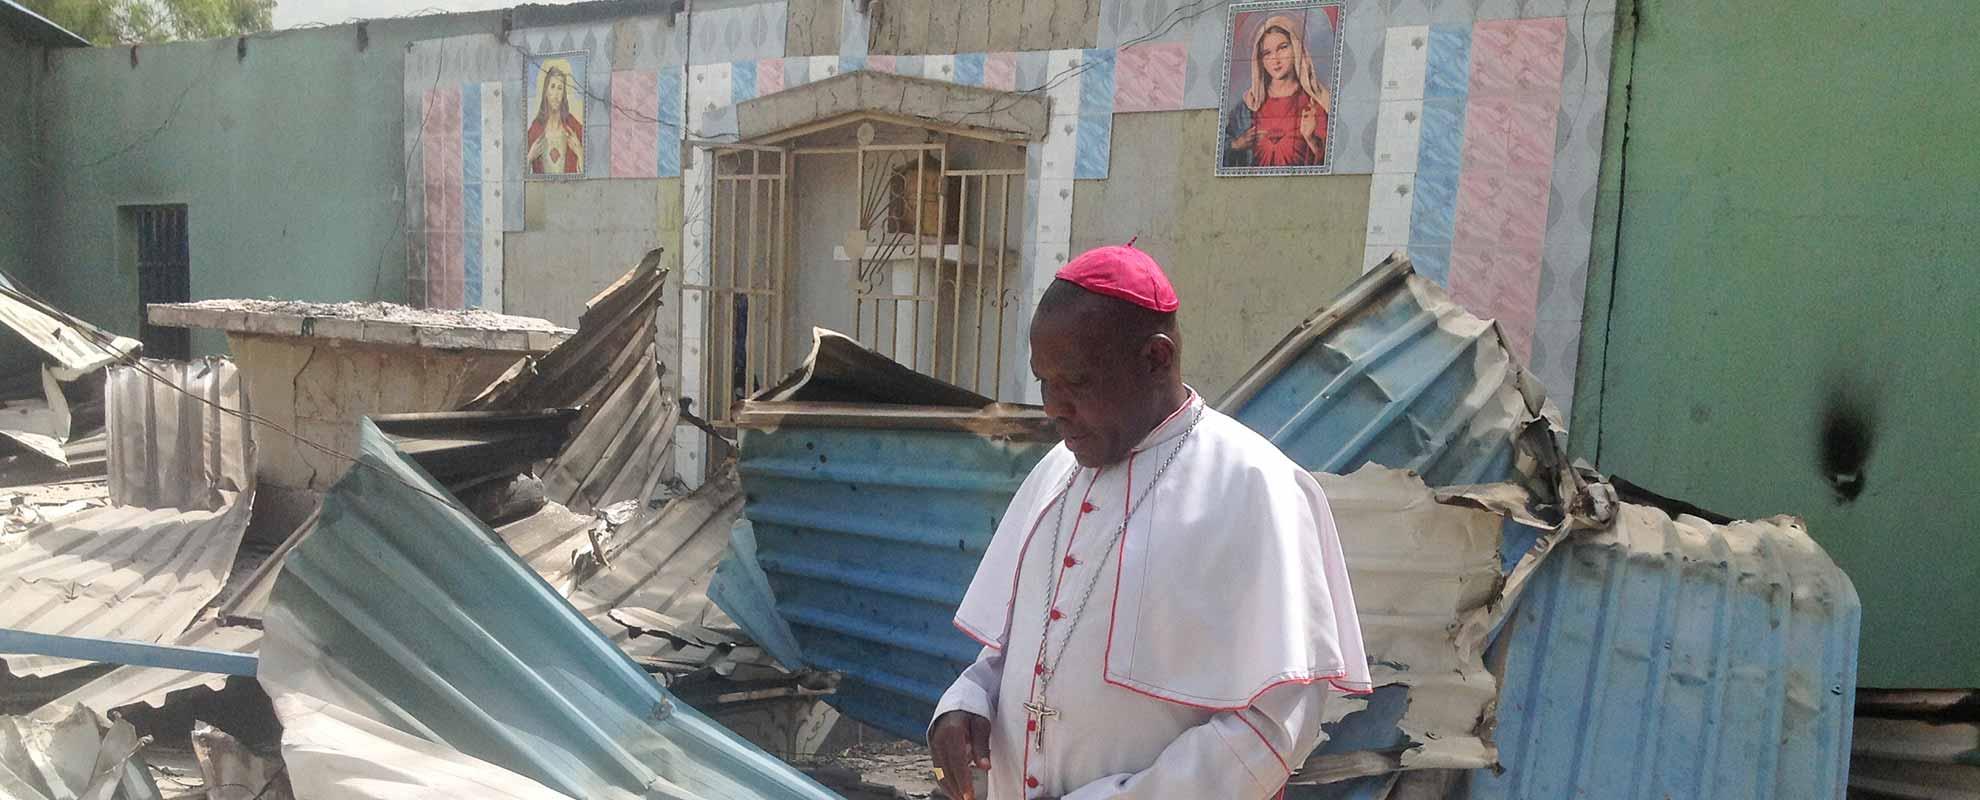 ACN destinará una ayuda de emergencia a las viudas y huérfanos víctimas de la violencia de Boko Haram en la Diócesis católica de Maiduguri en Nigeria.